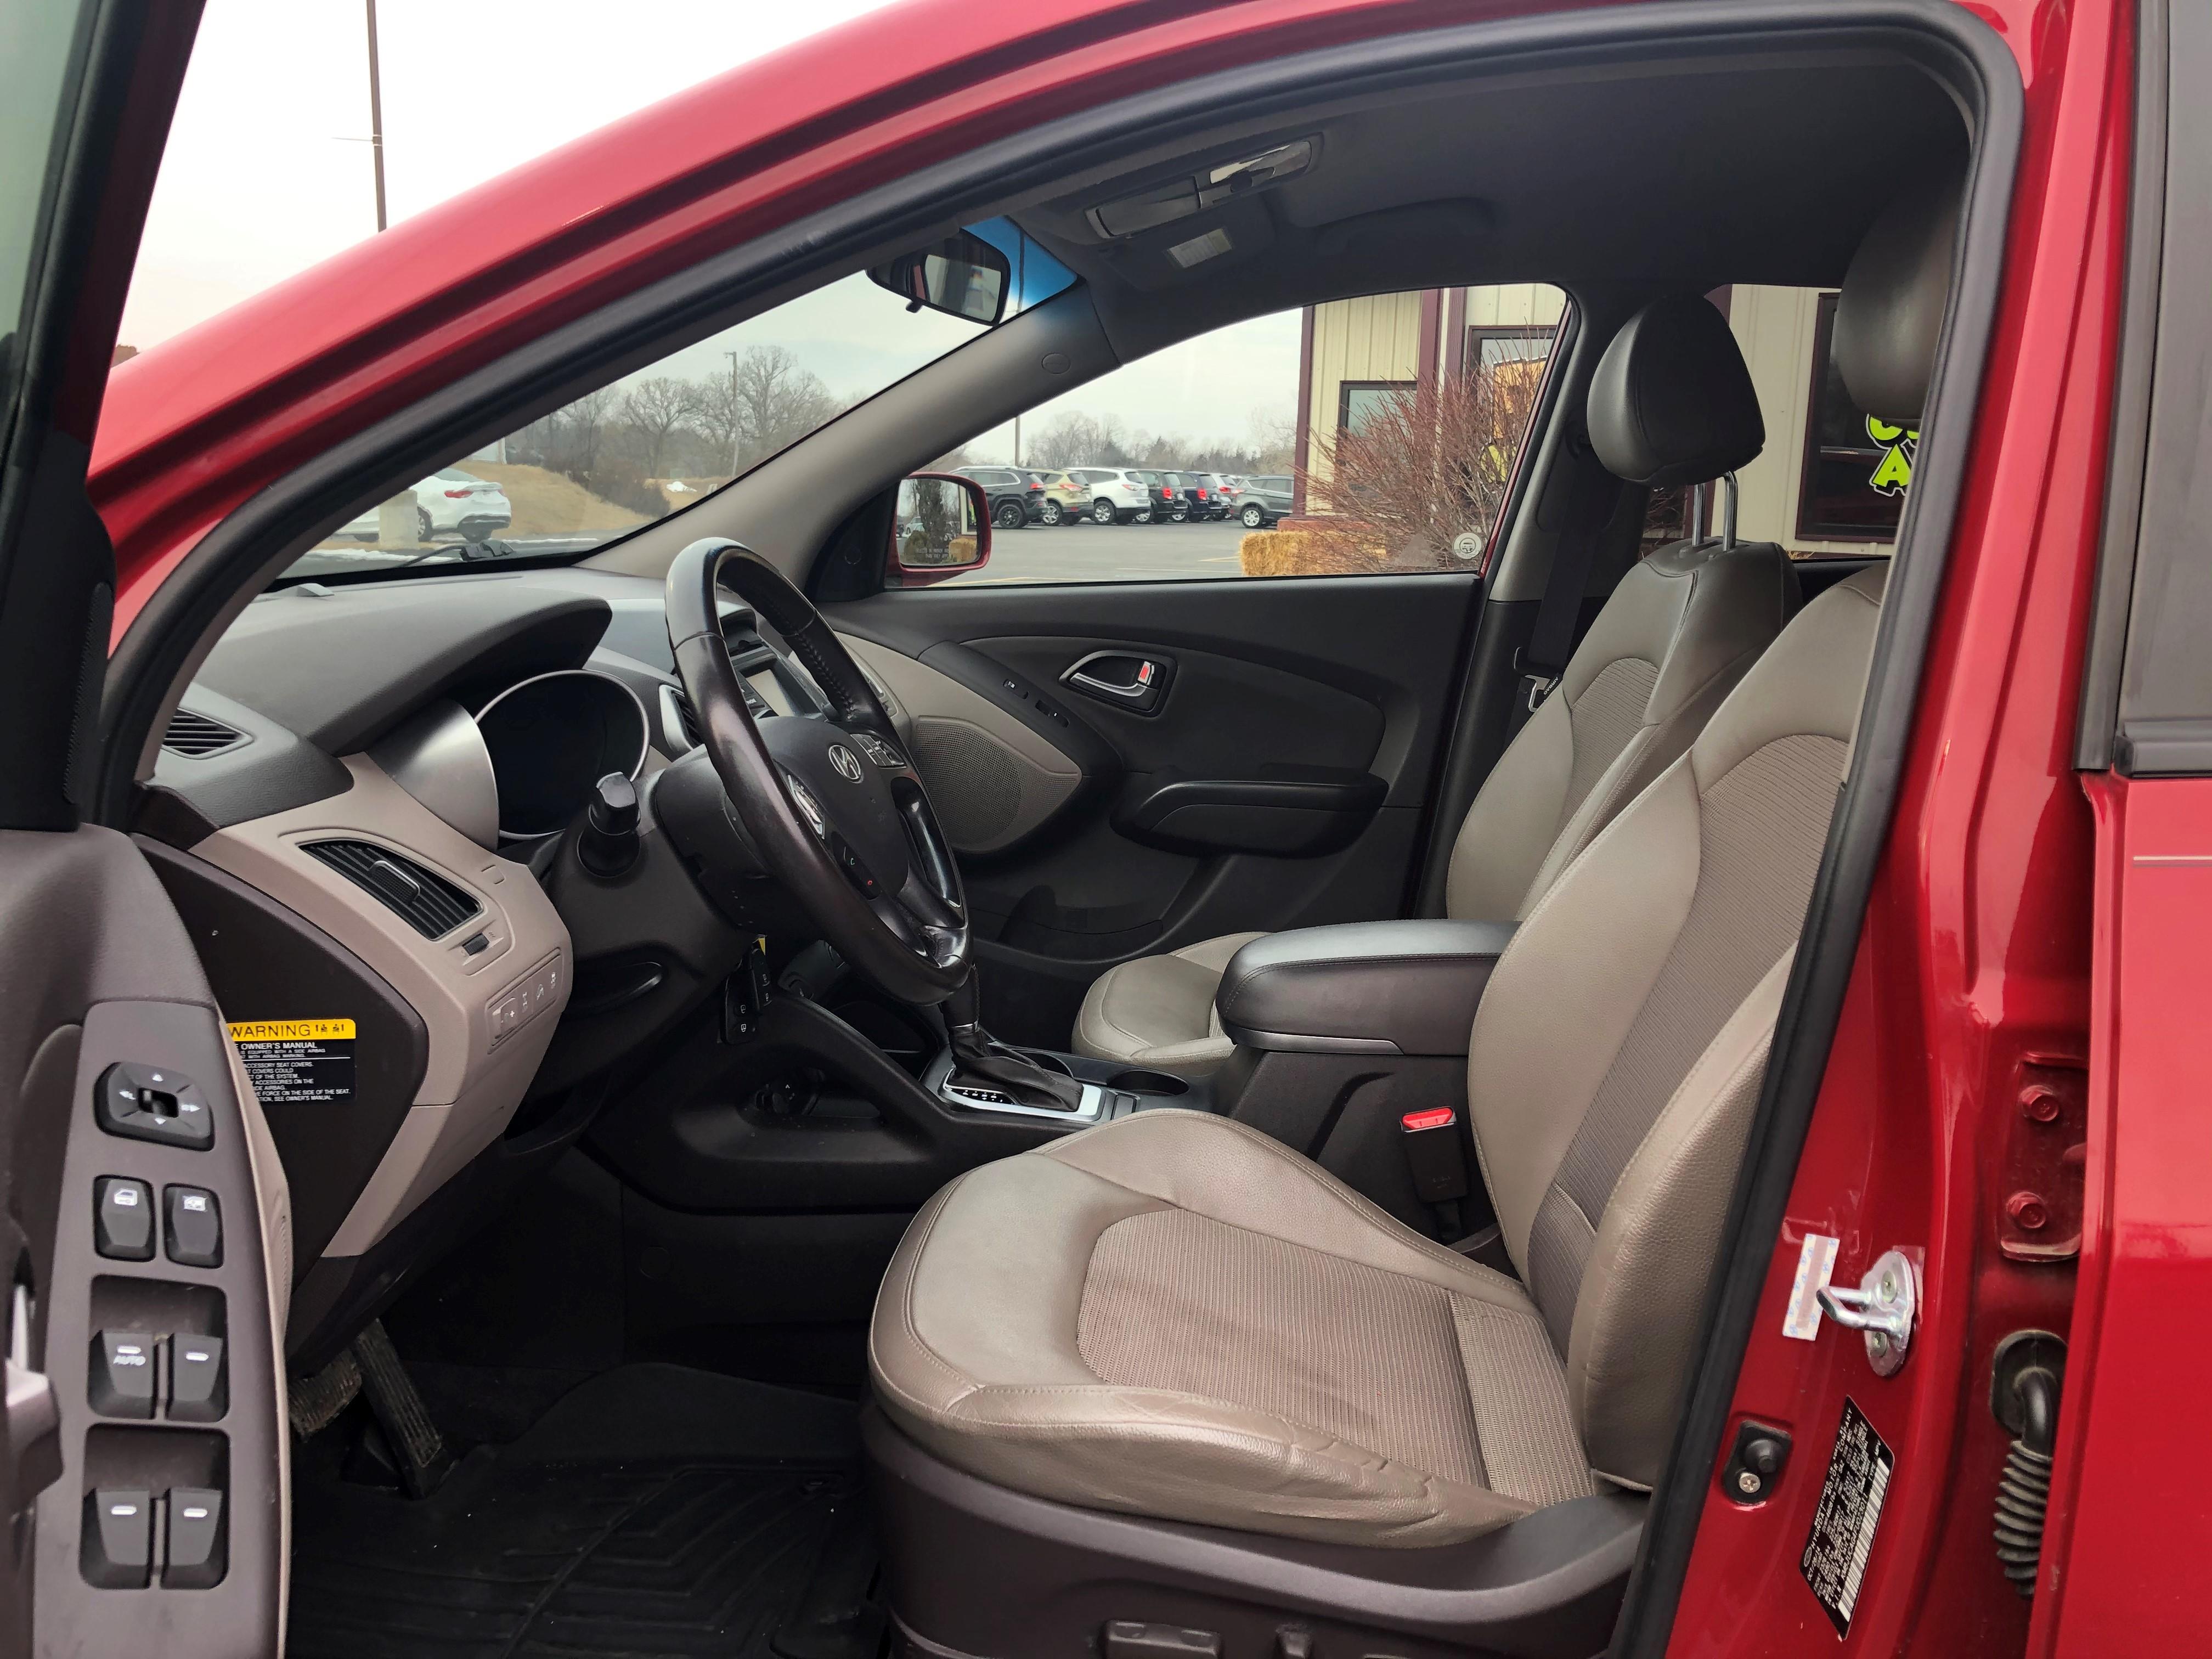 used vehicle - SUV HYUNDAI TUCSON 2015